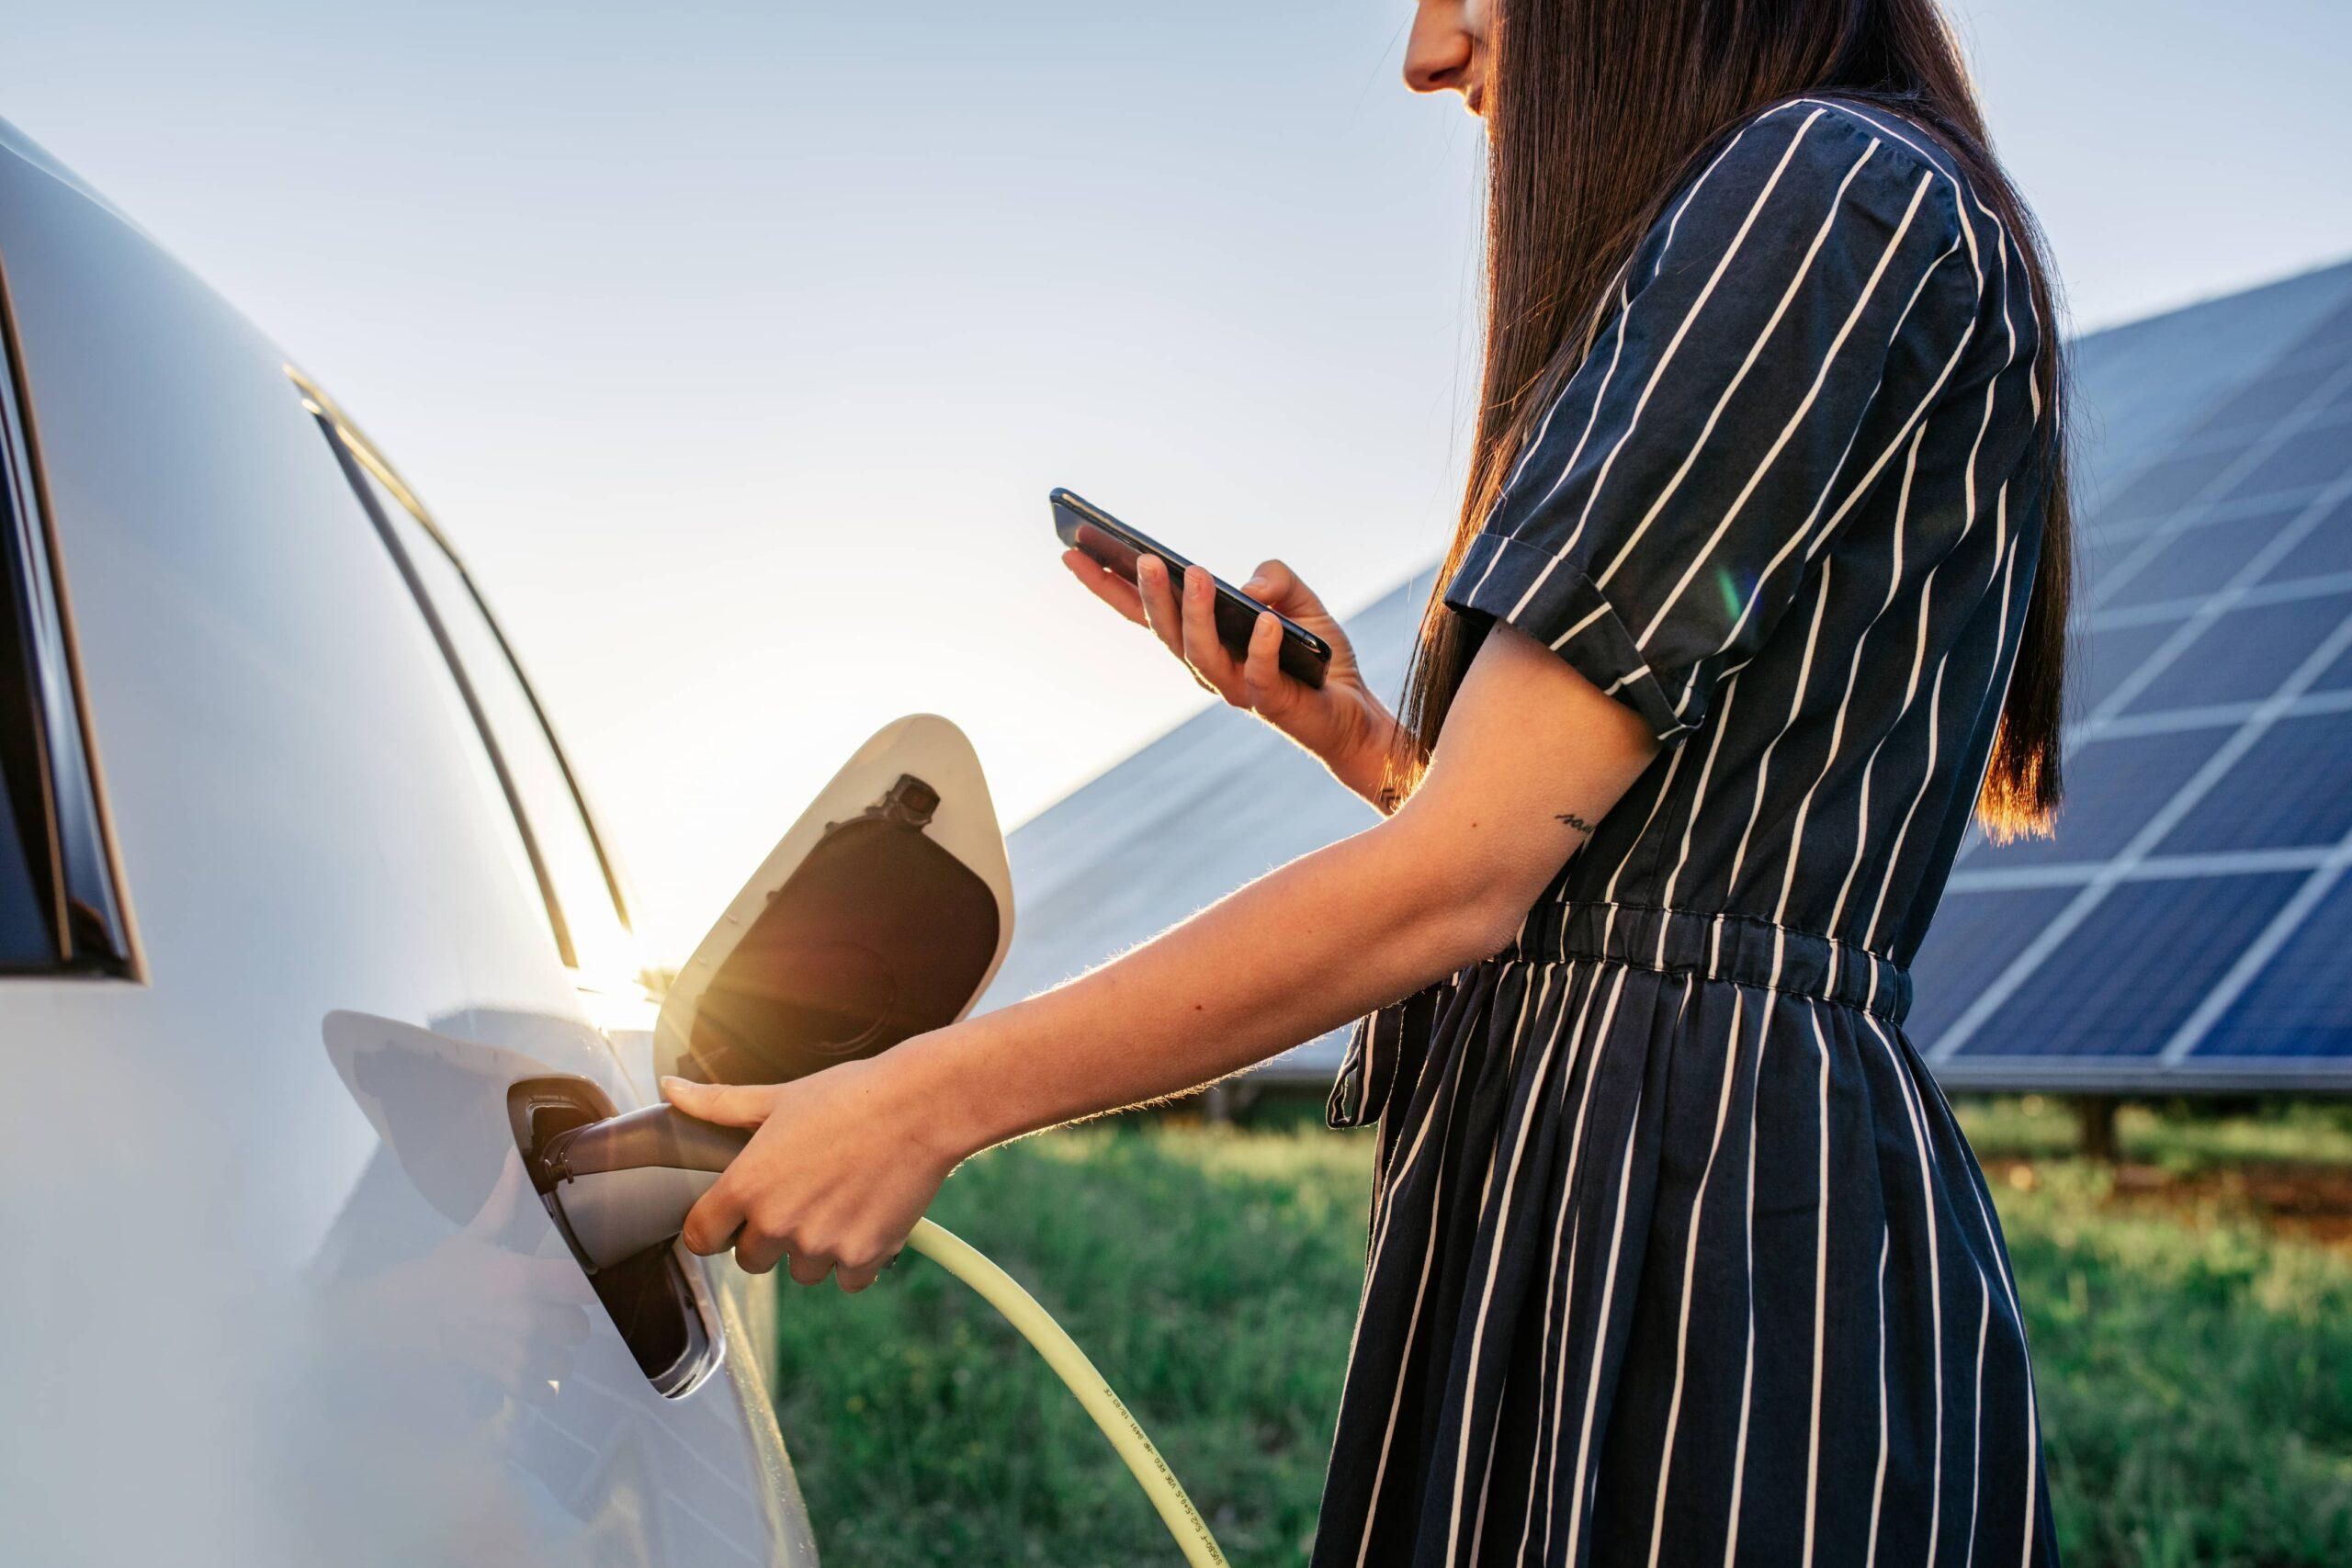 Chargement d'une voiture électrique avec des panneaux solaires | Energreen